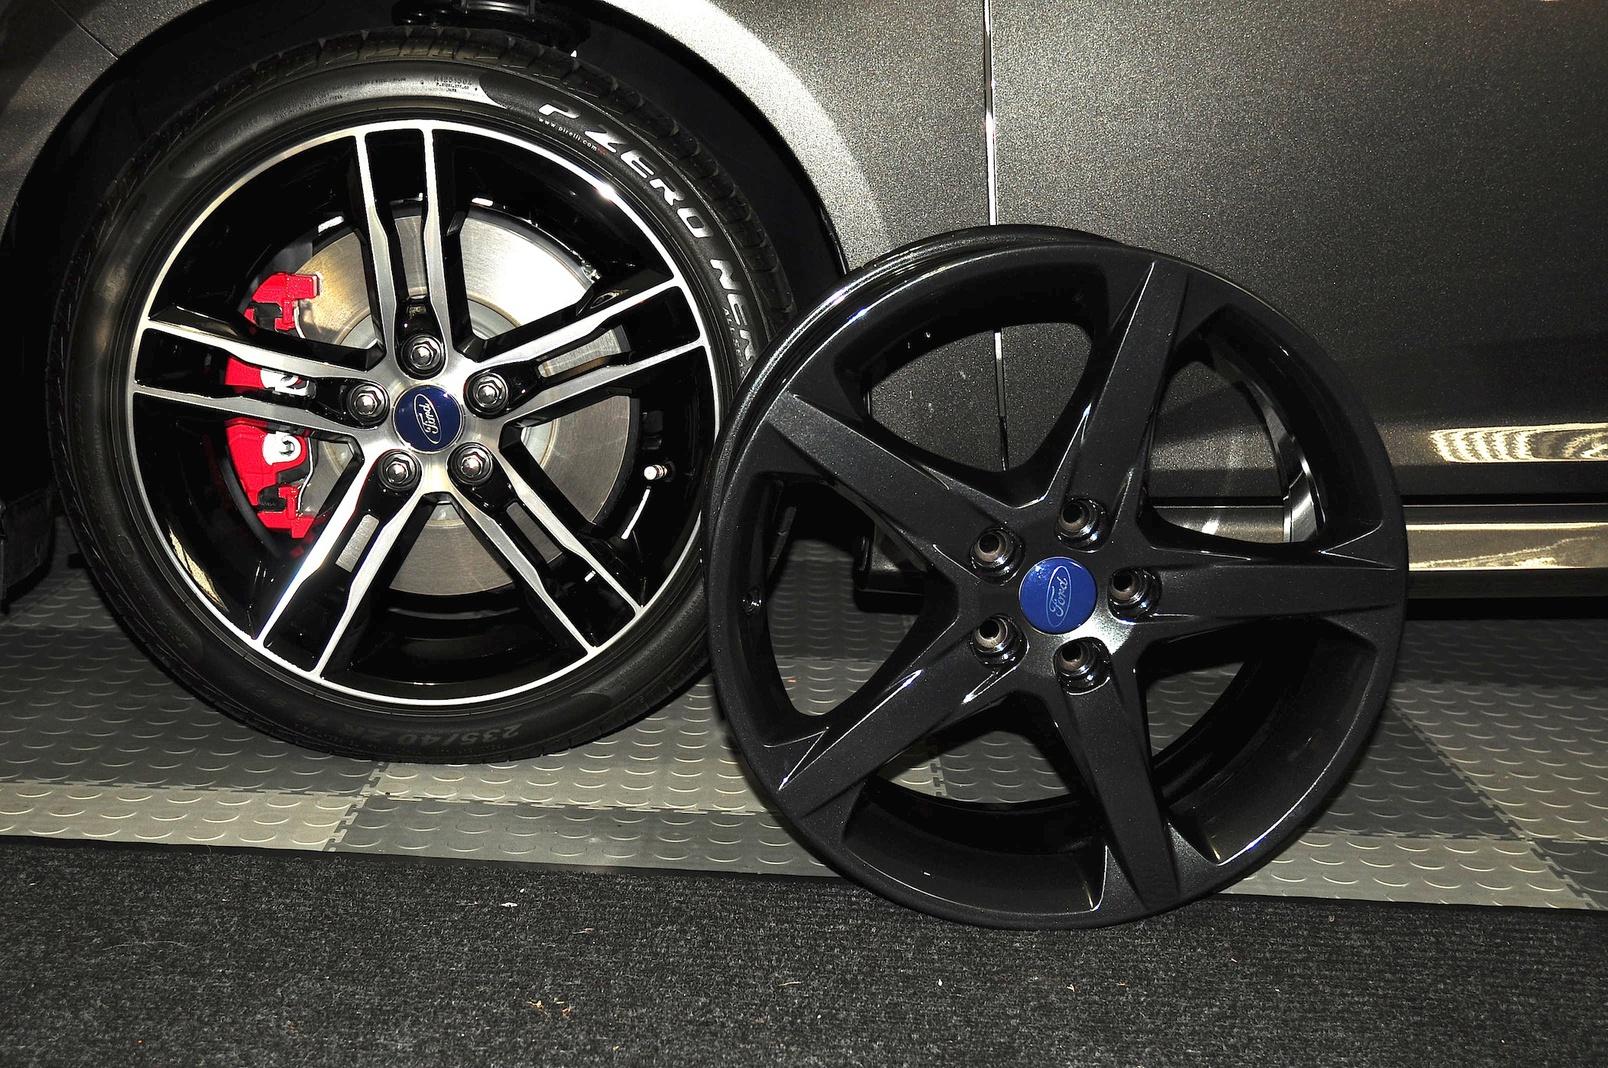 Focus 18 inch wheels for ST-dsc_0538.jpg